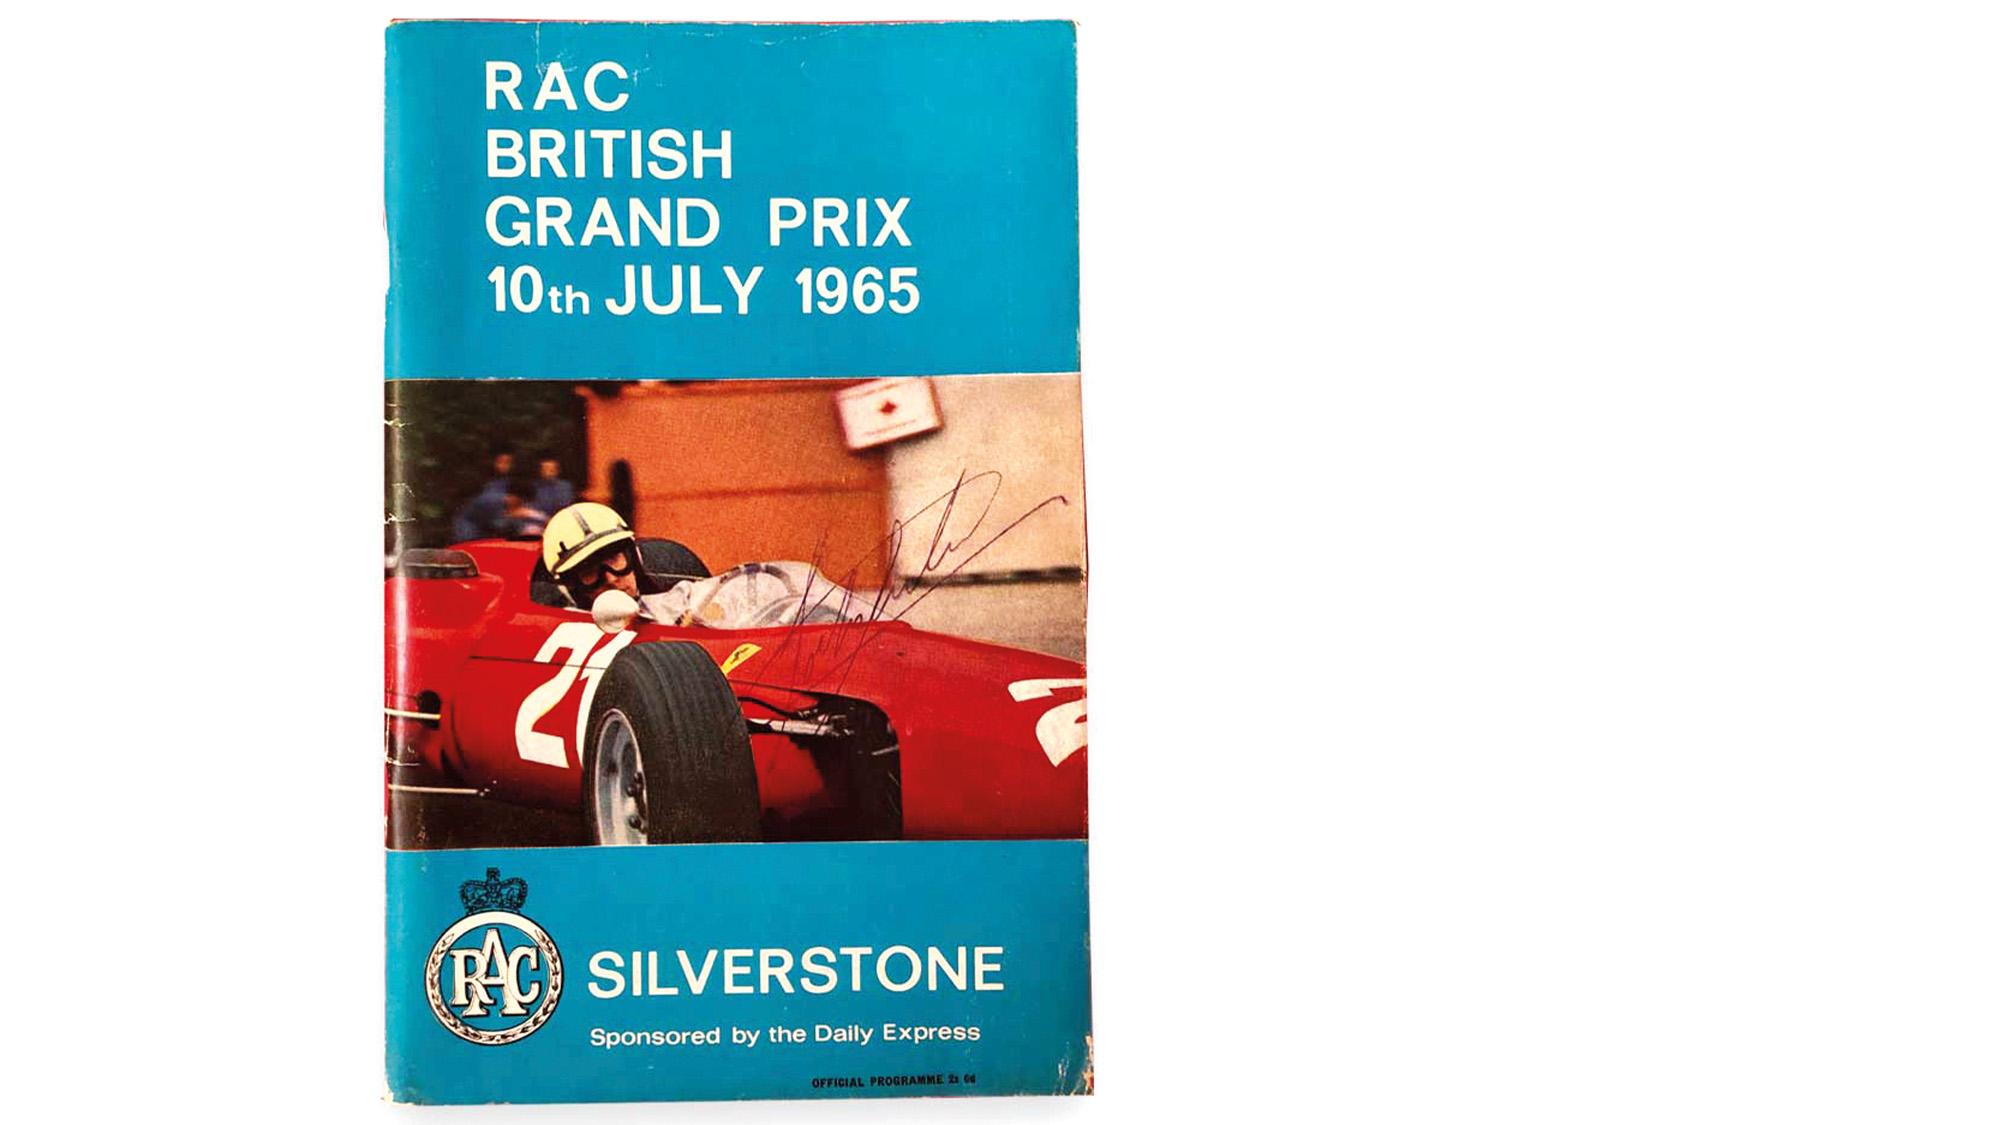 1965 British Grand Prix guide